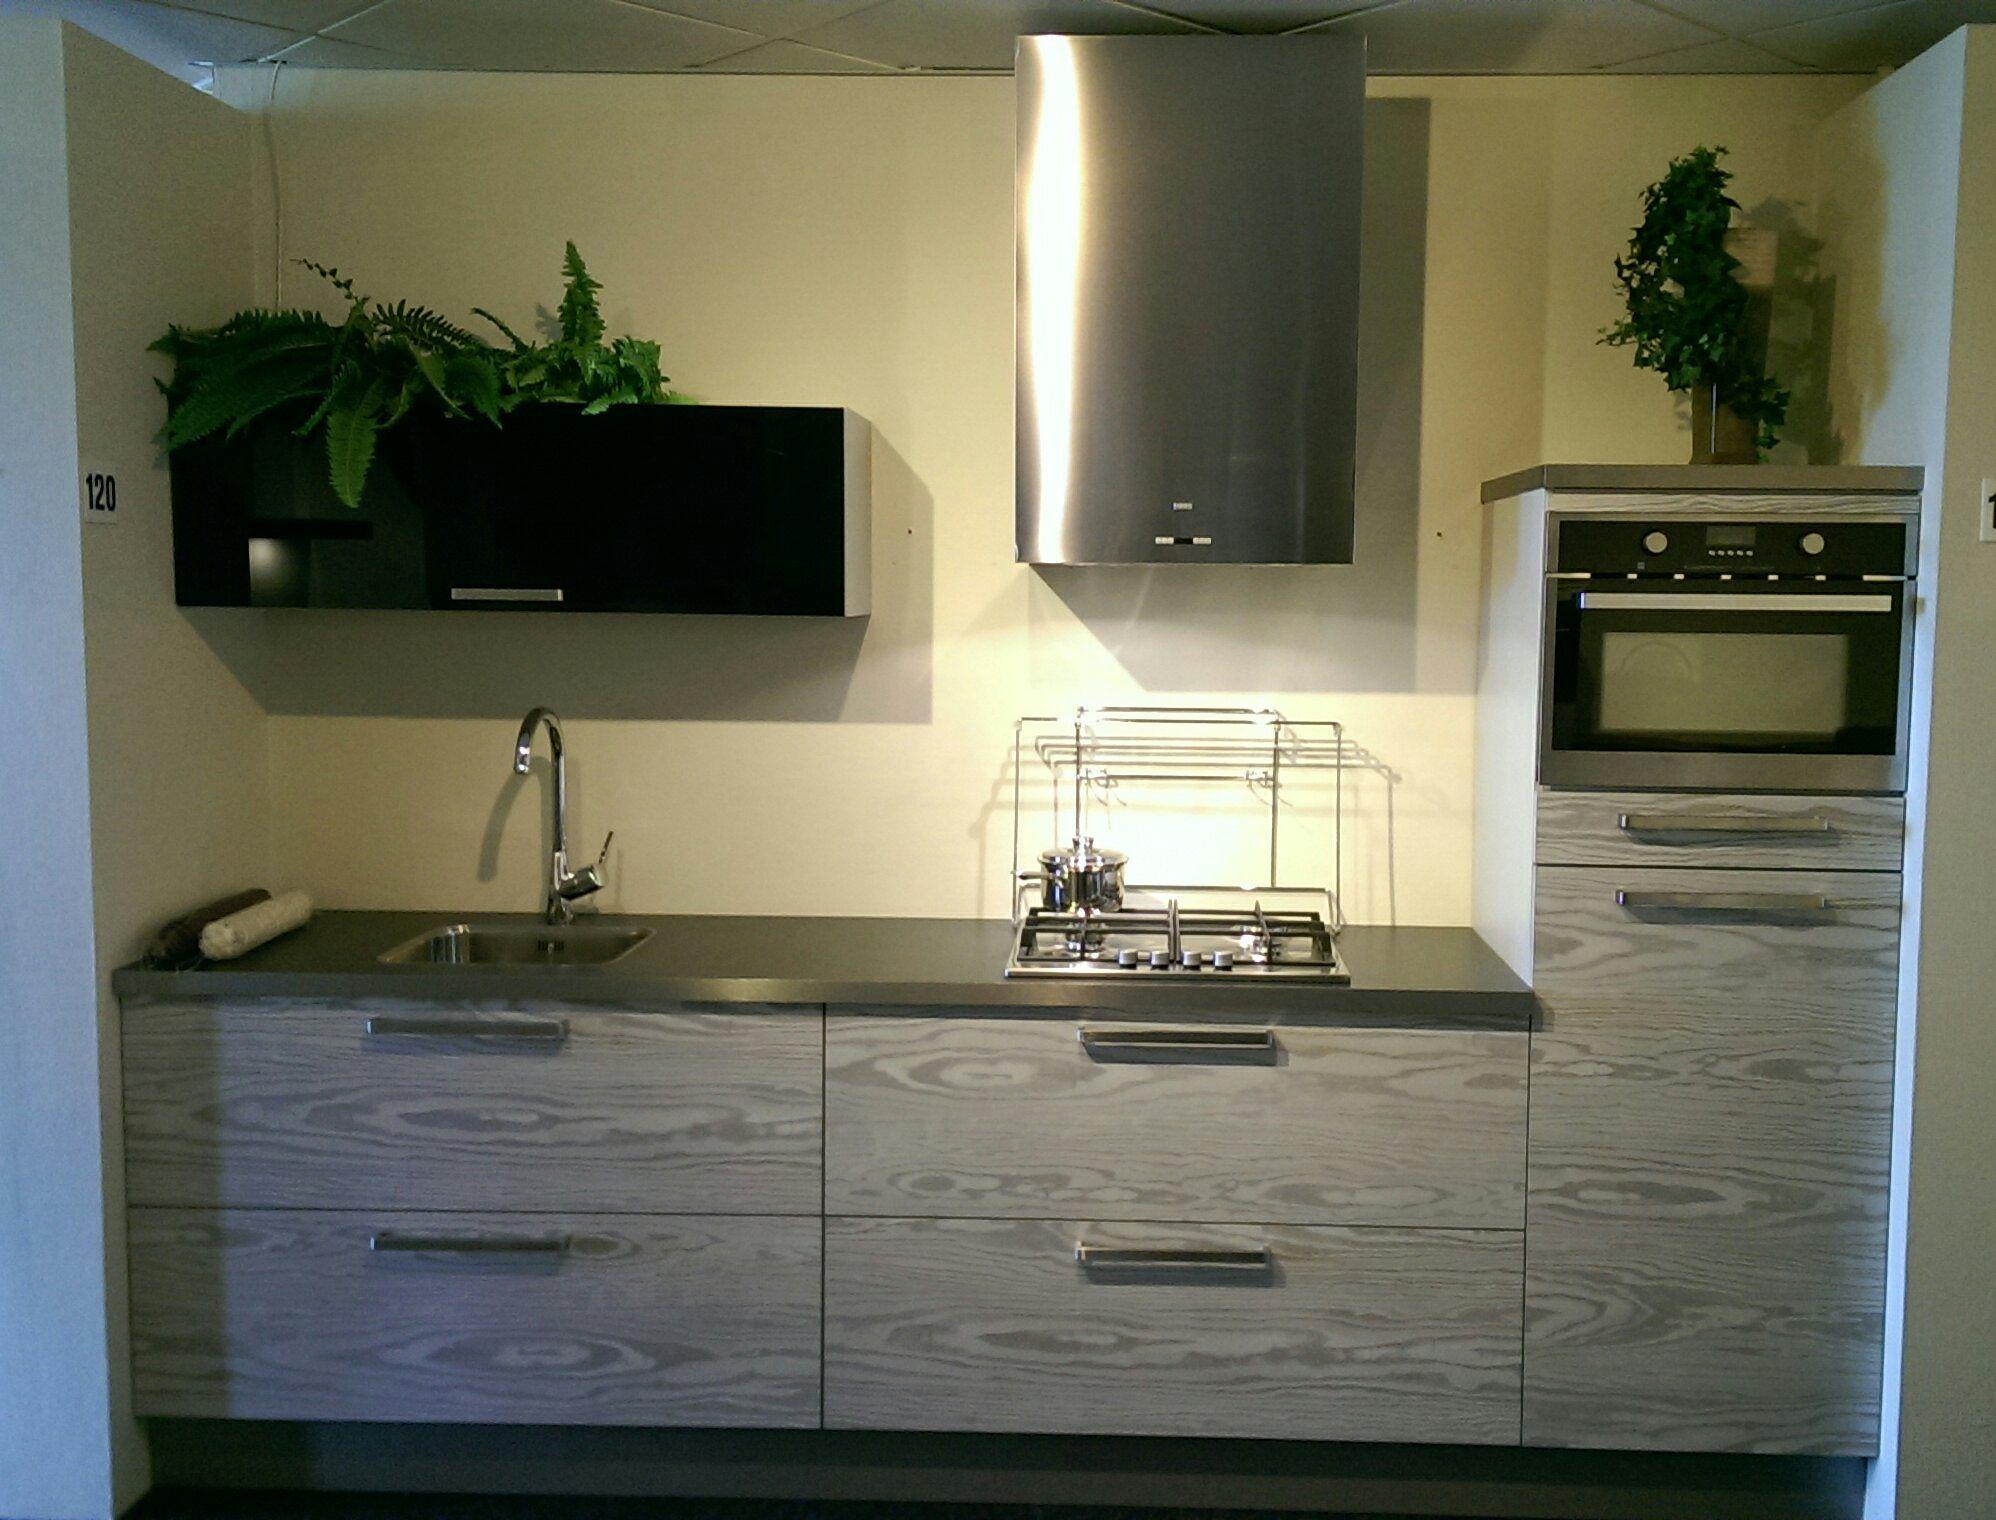 Paul roescher outlet paul roescher outlet kleine rechte keuken y120 49646 - Keuken kleine keuken ...